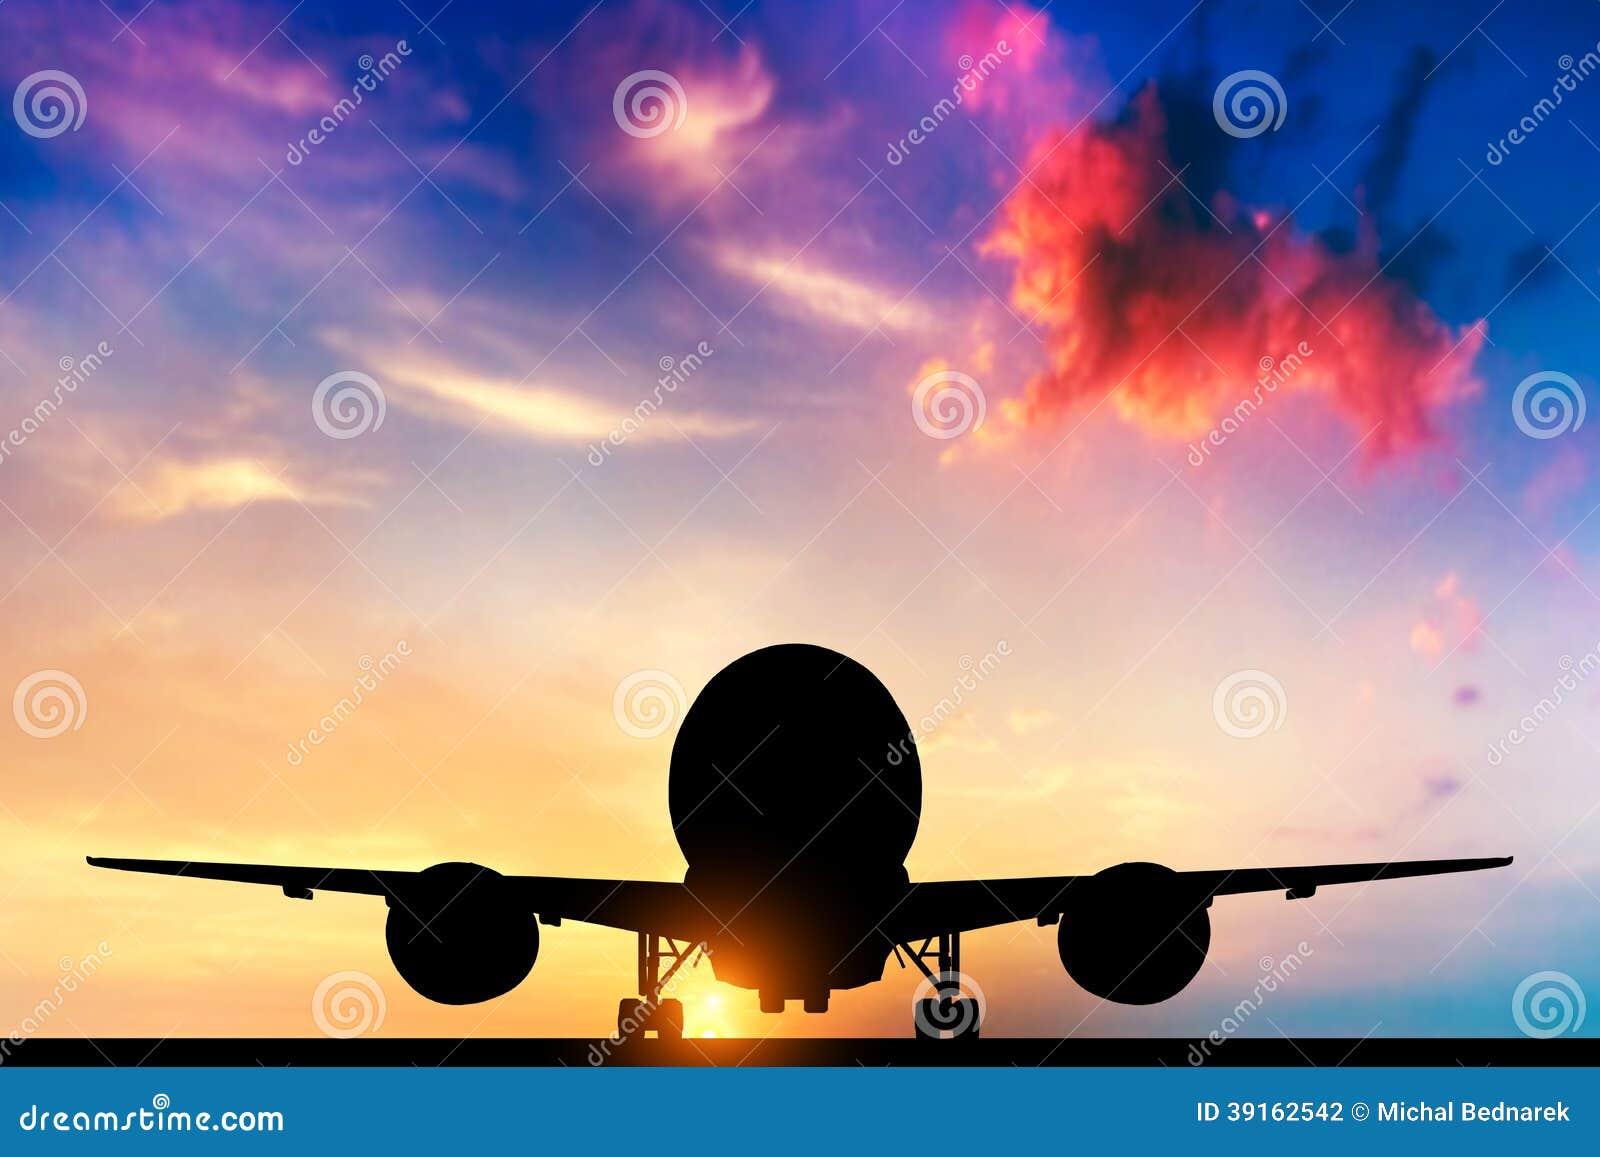 Samolot bierze daleko przy zmierzchem